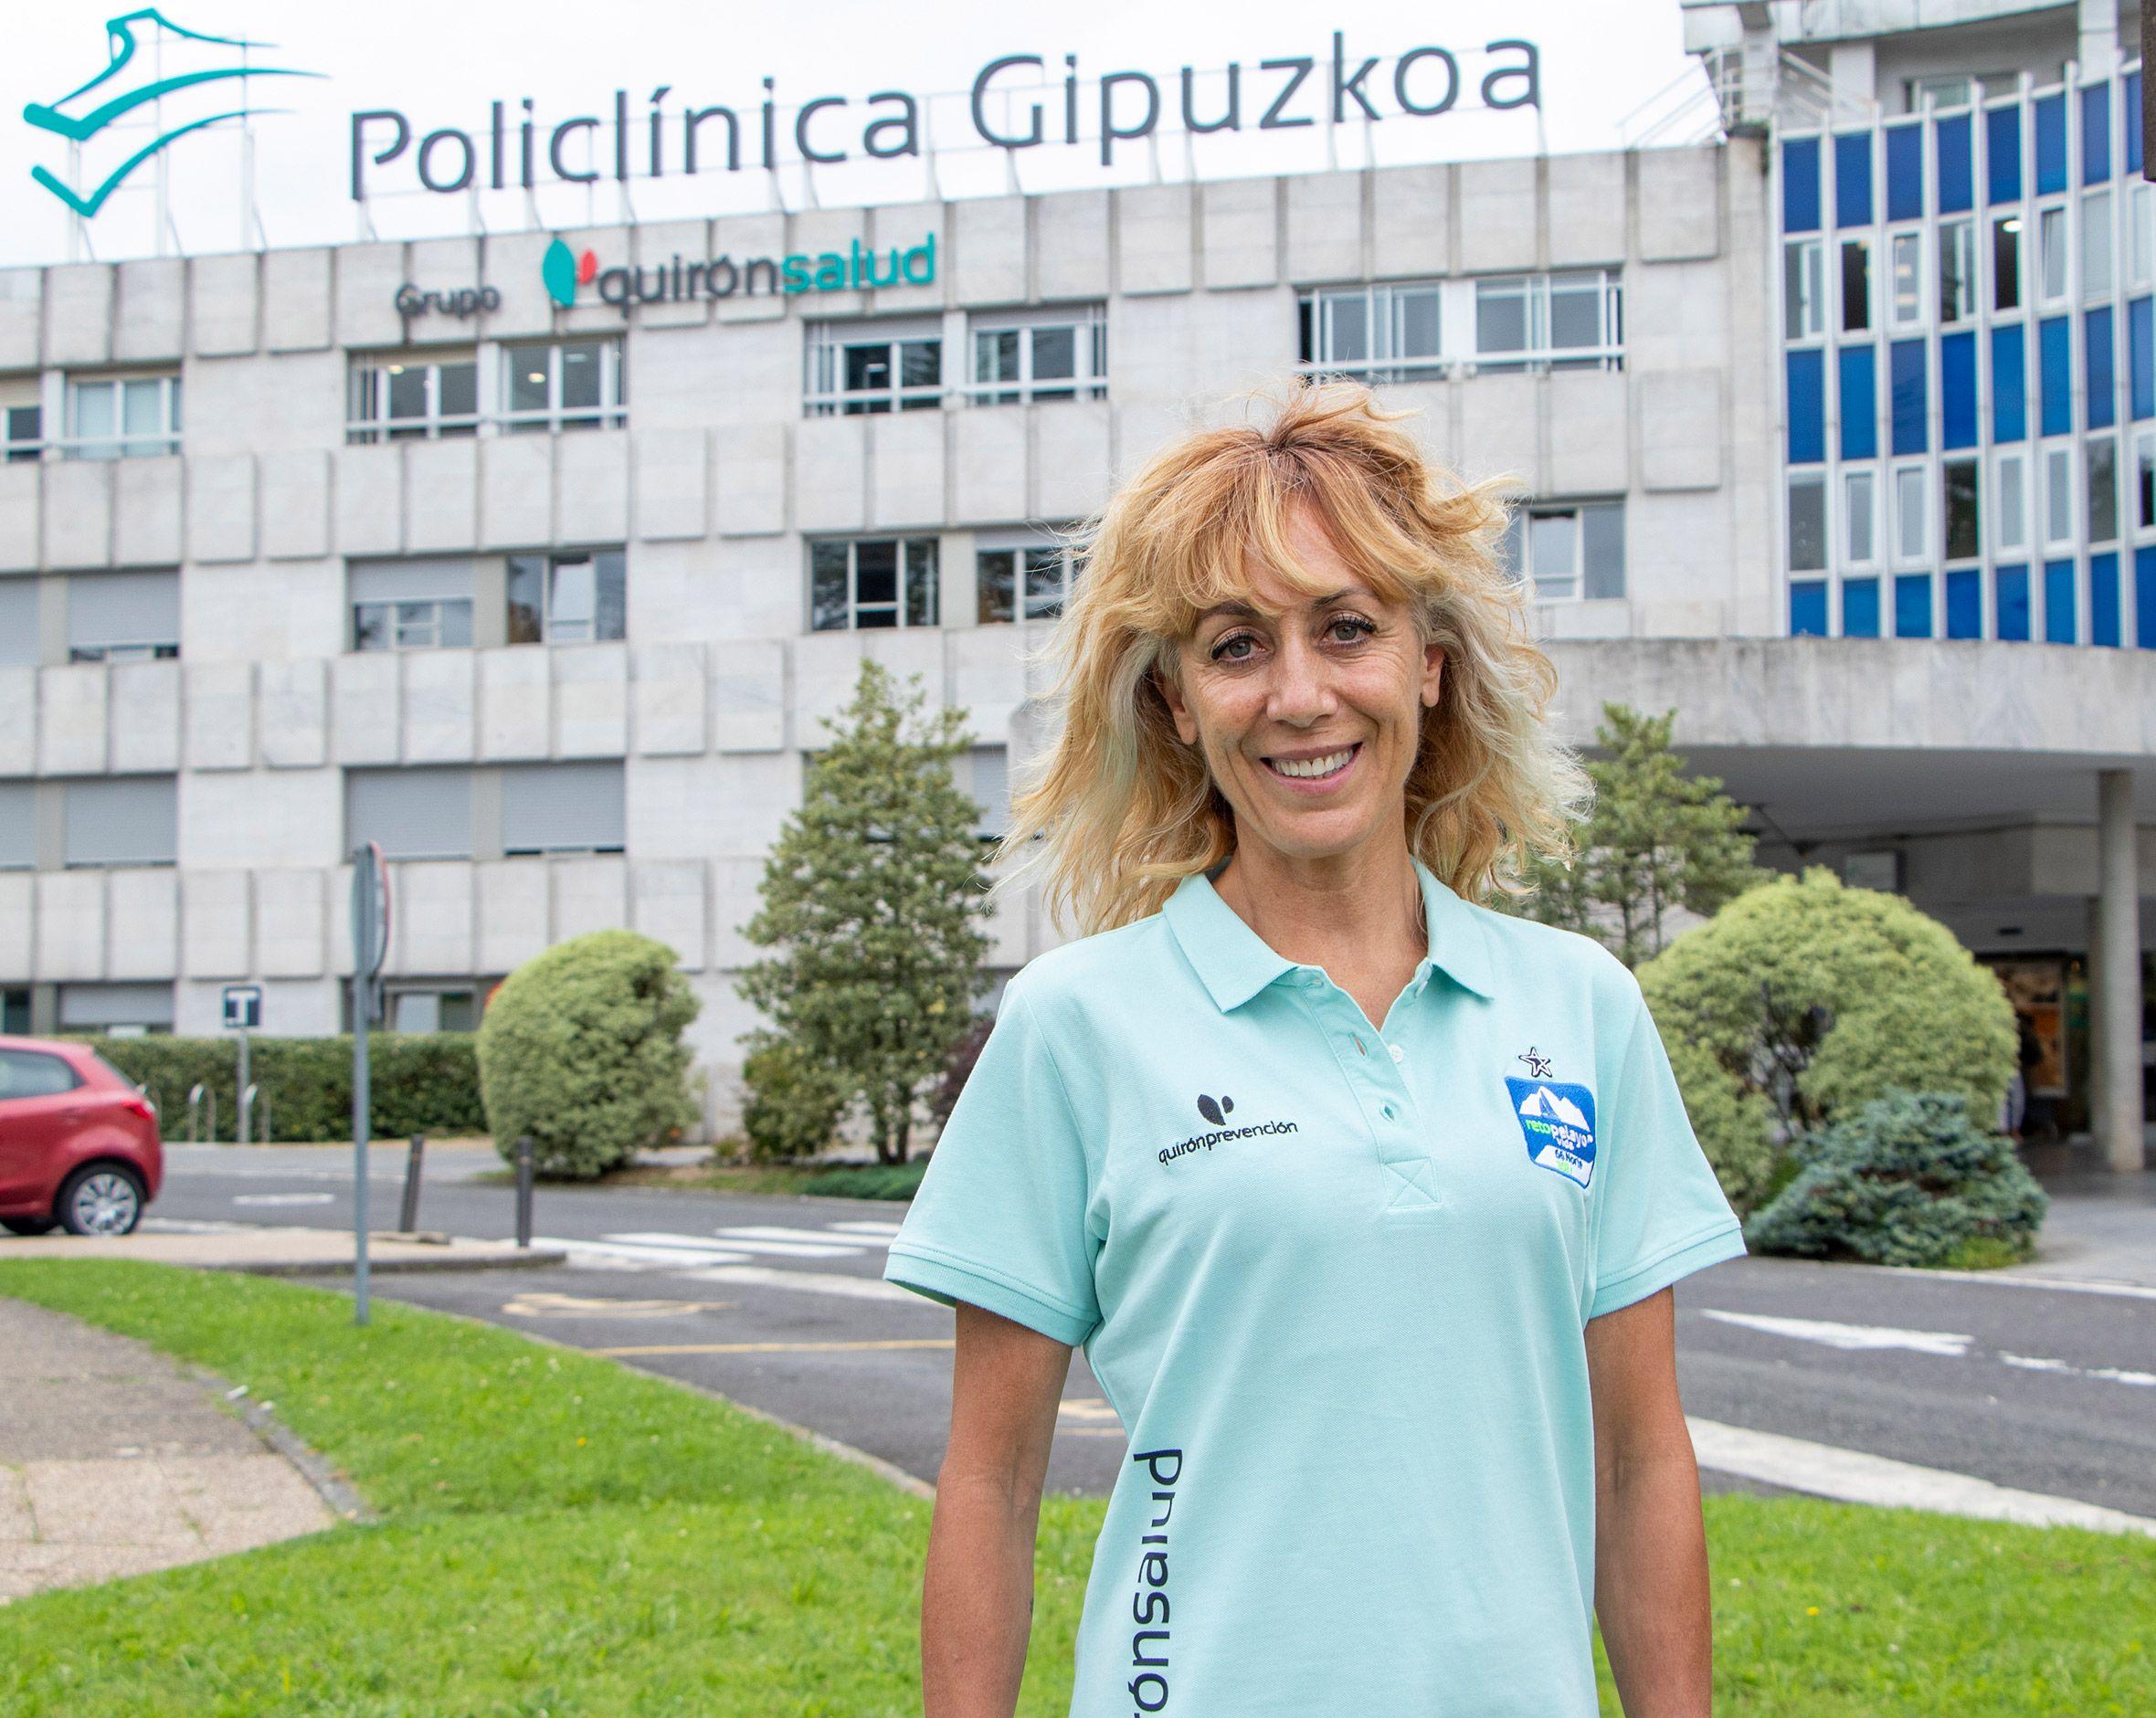 Policlínica Gipuzkoa Comunicación